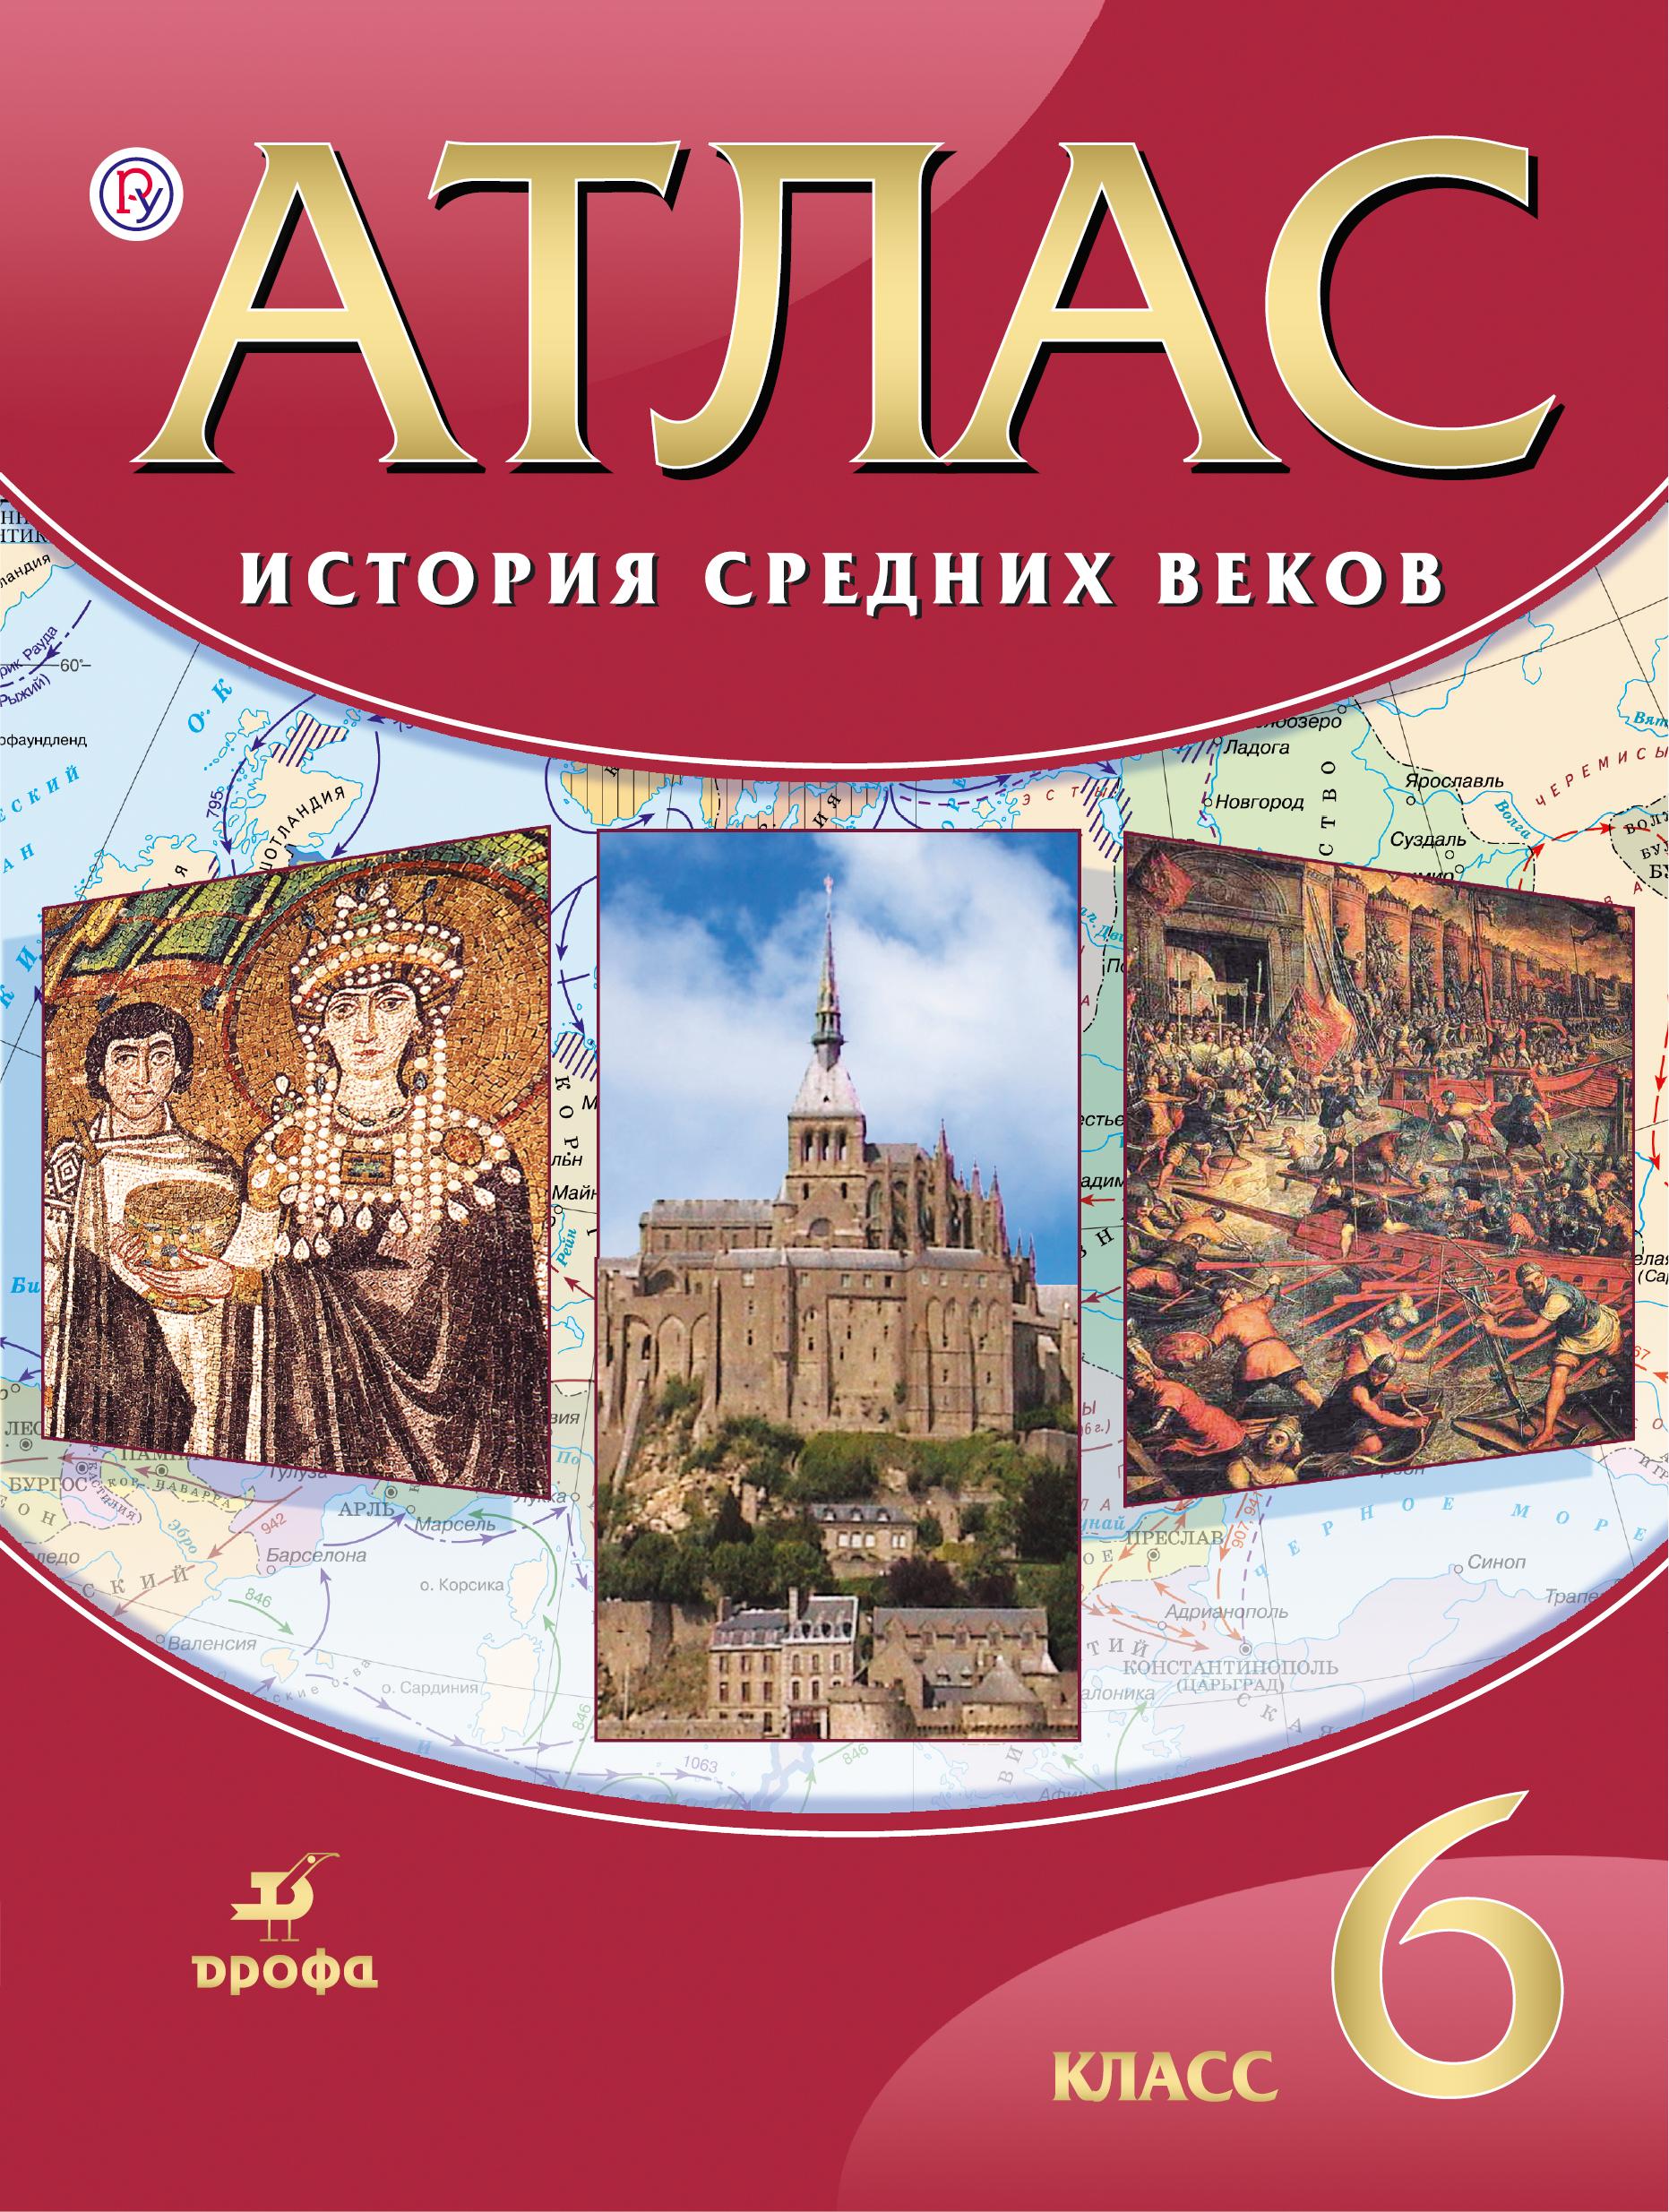 История средних веков 6 класс атлас скачать